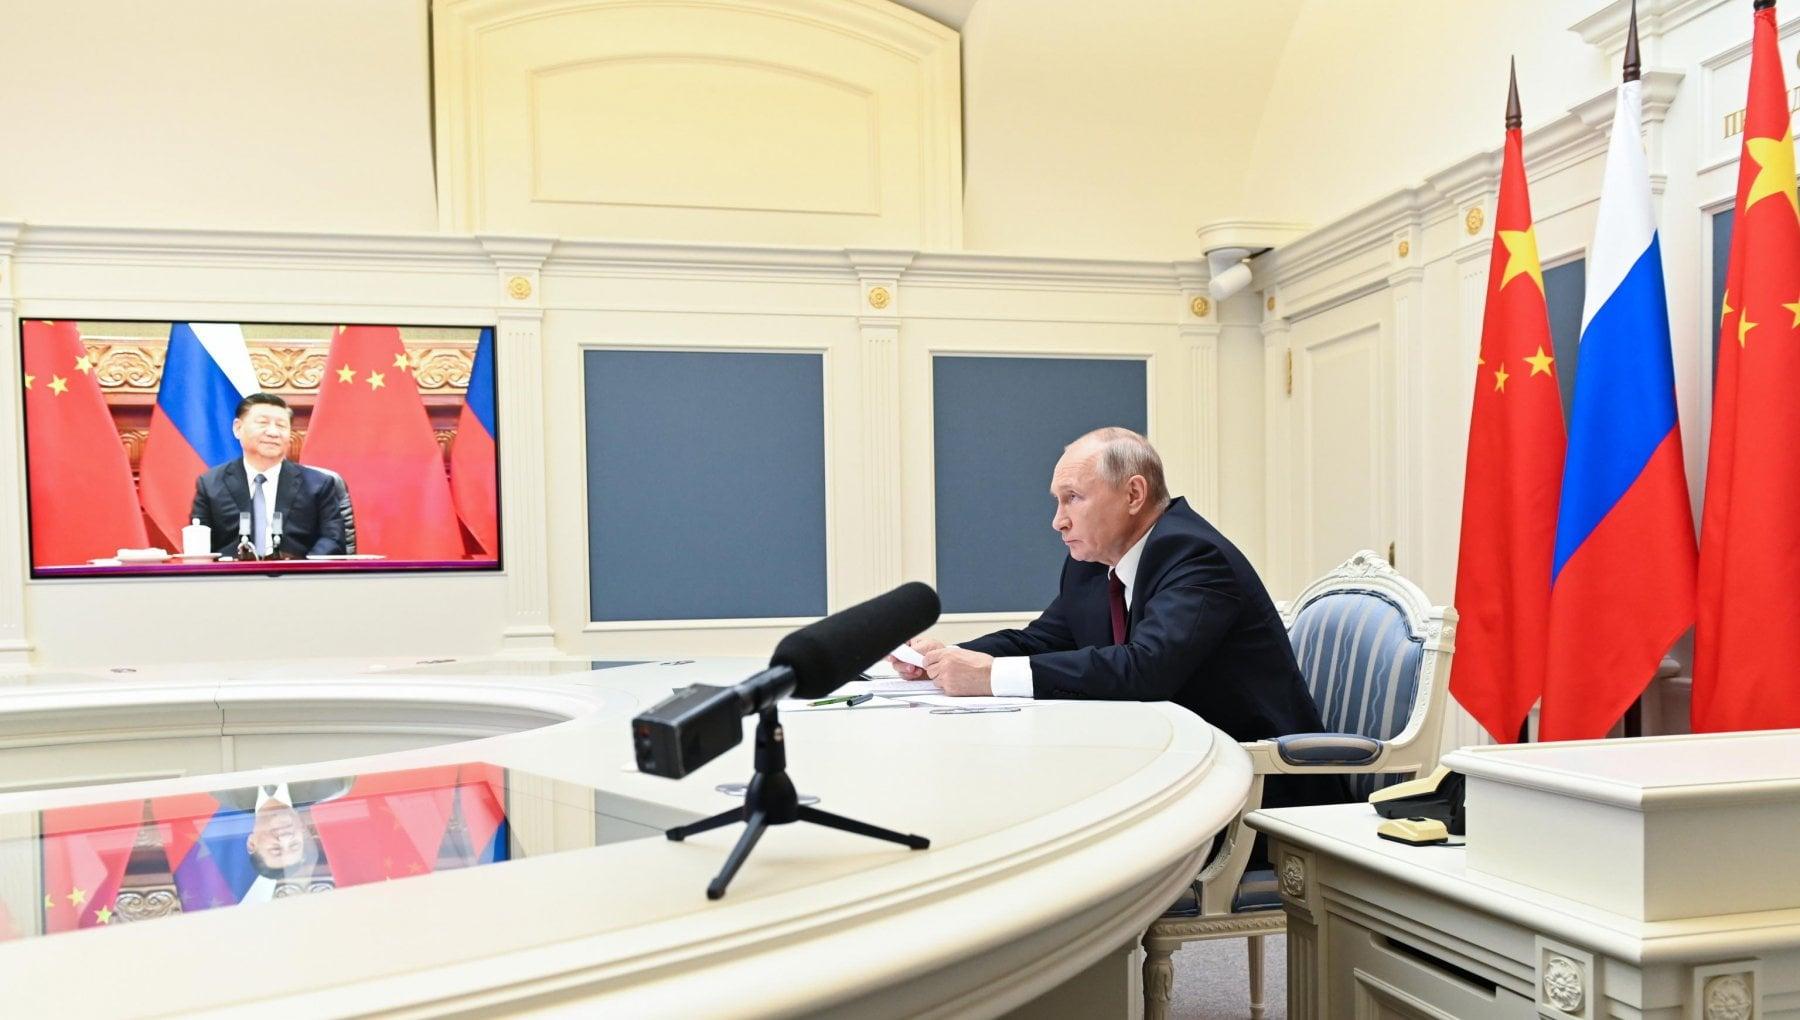 """210348439 54f7d45d 3f7d 4a9c b1de 05207b26195b - Putin e Xi rinsaldano l'asse Russia-Cina: """"Modello di cooperazione"""""""